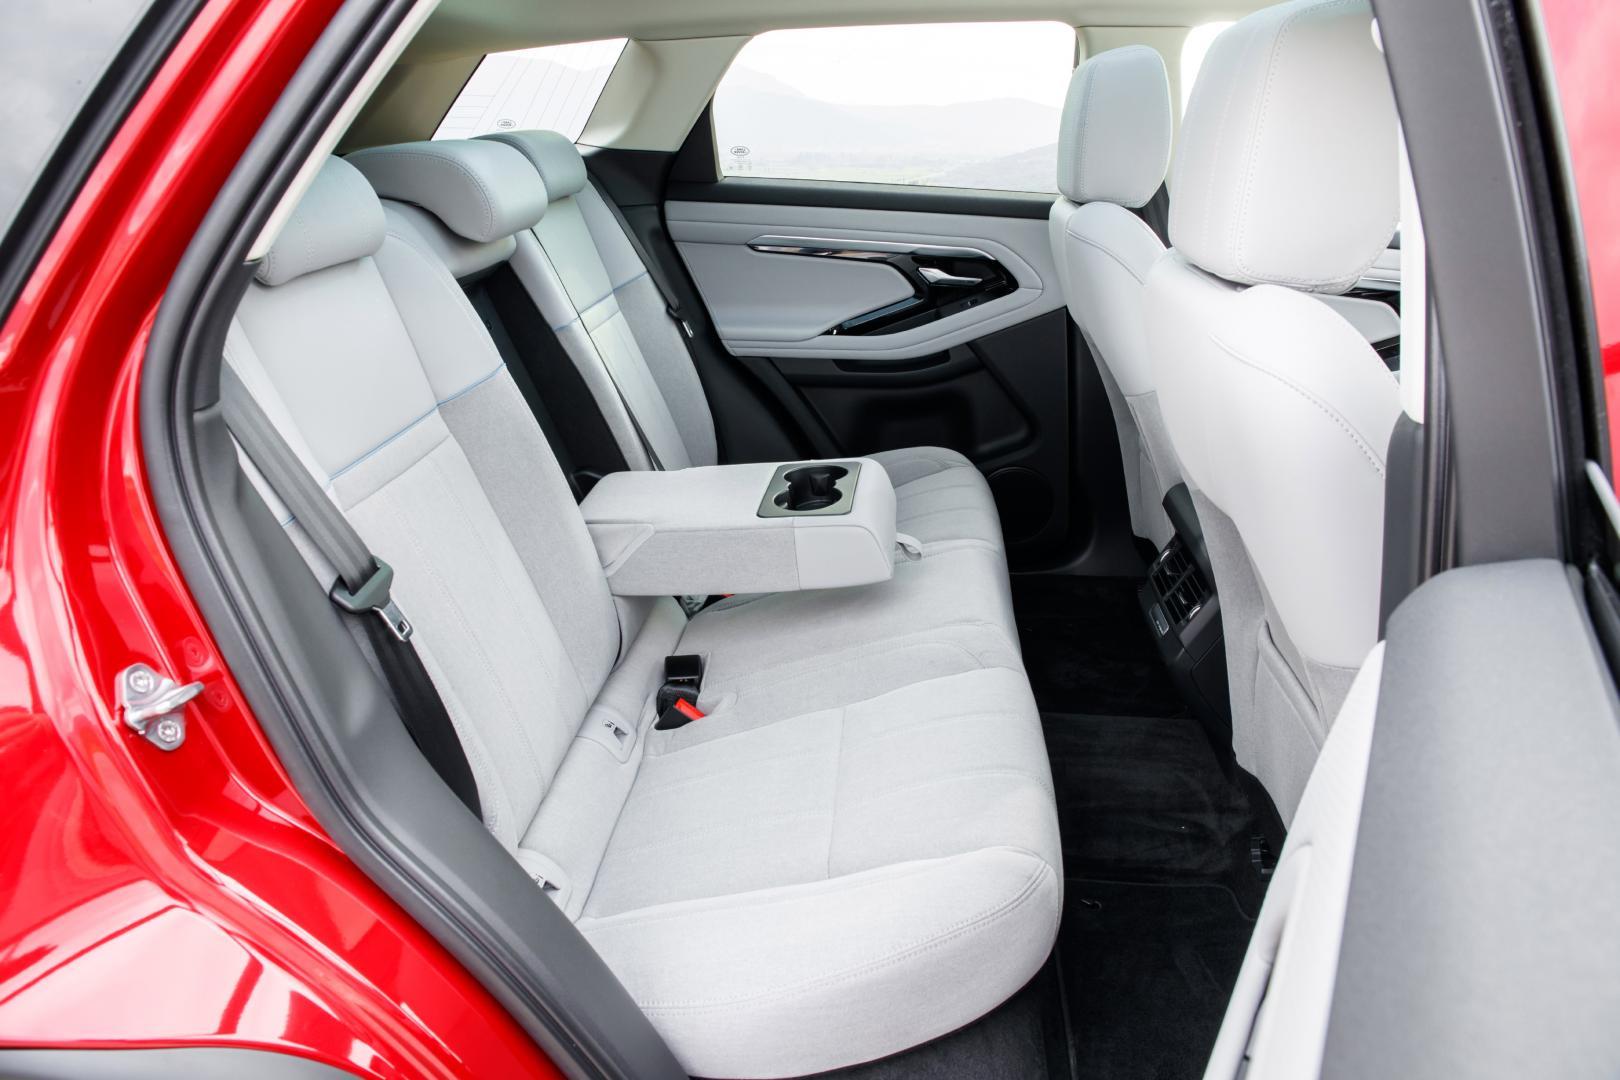 Range Rover Evoque S achterbank